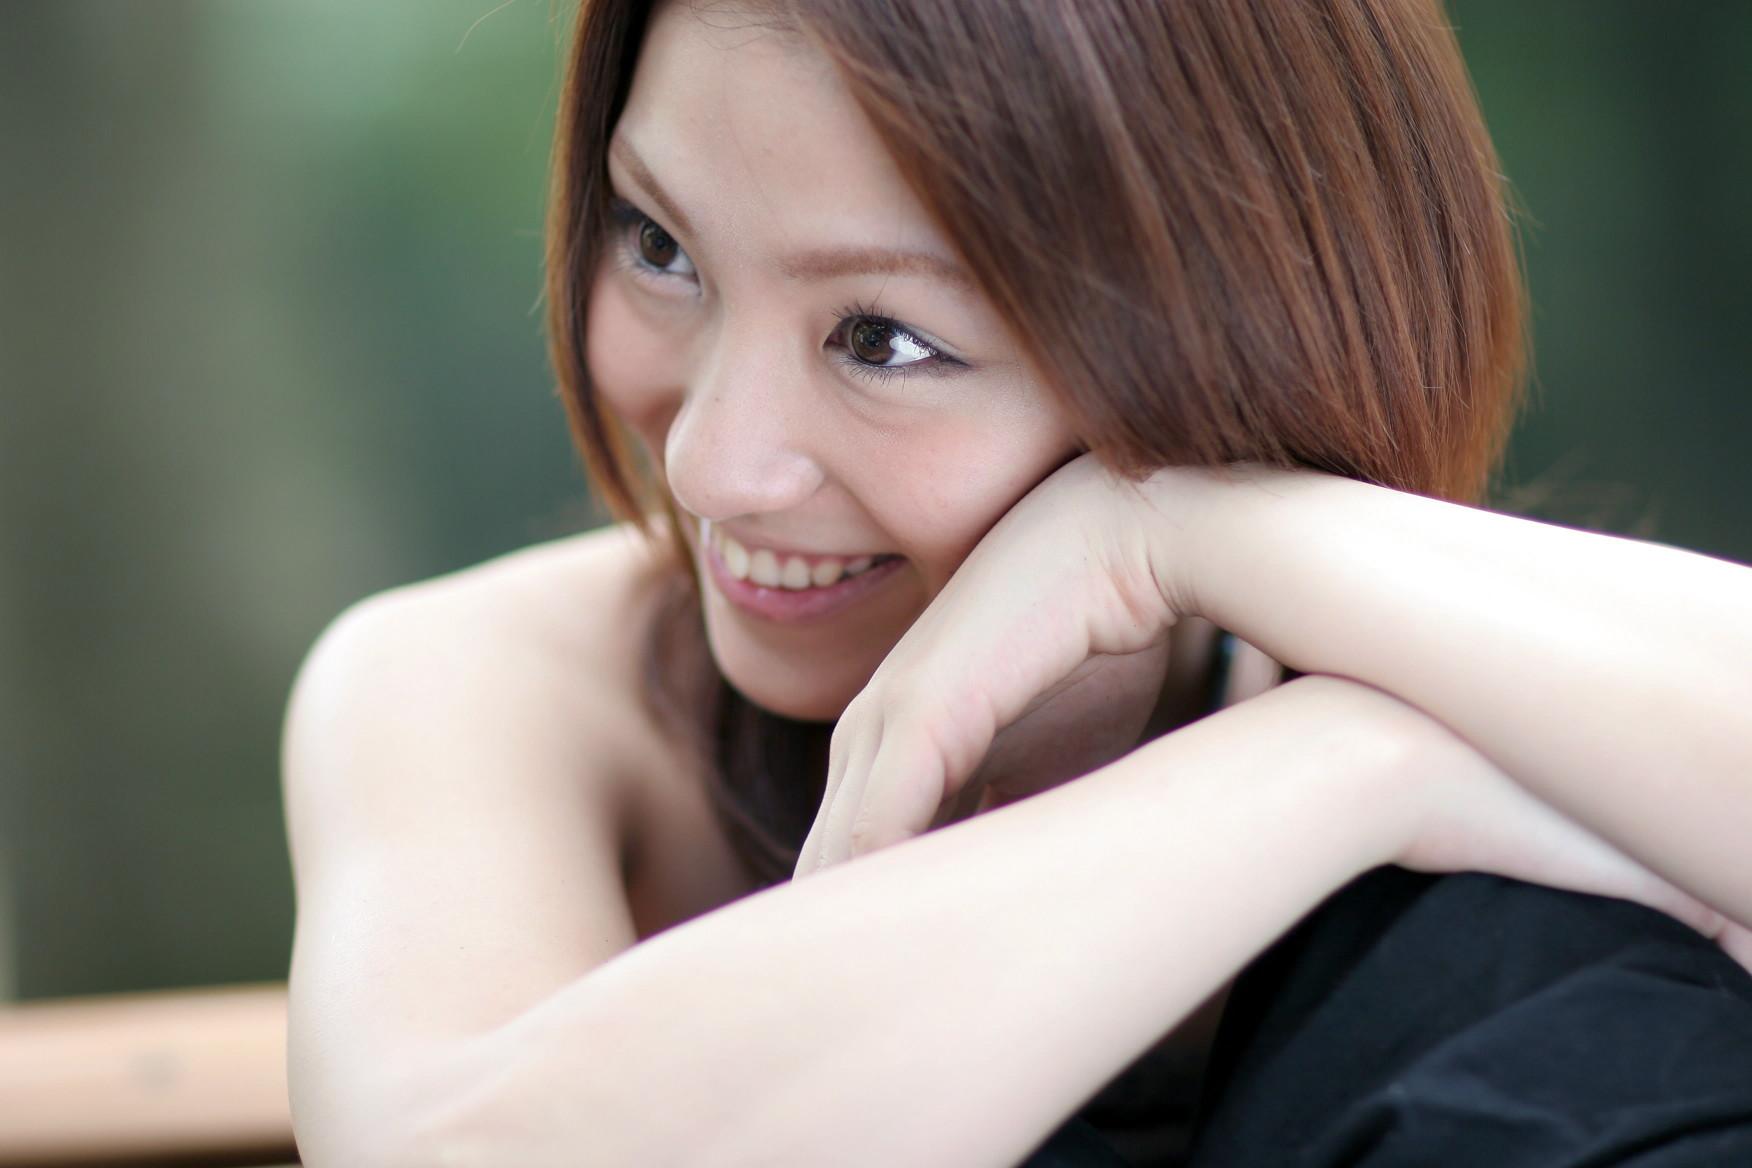 福愛美の画像 p1_22